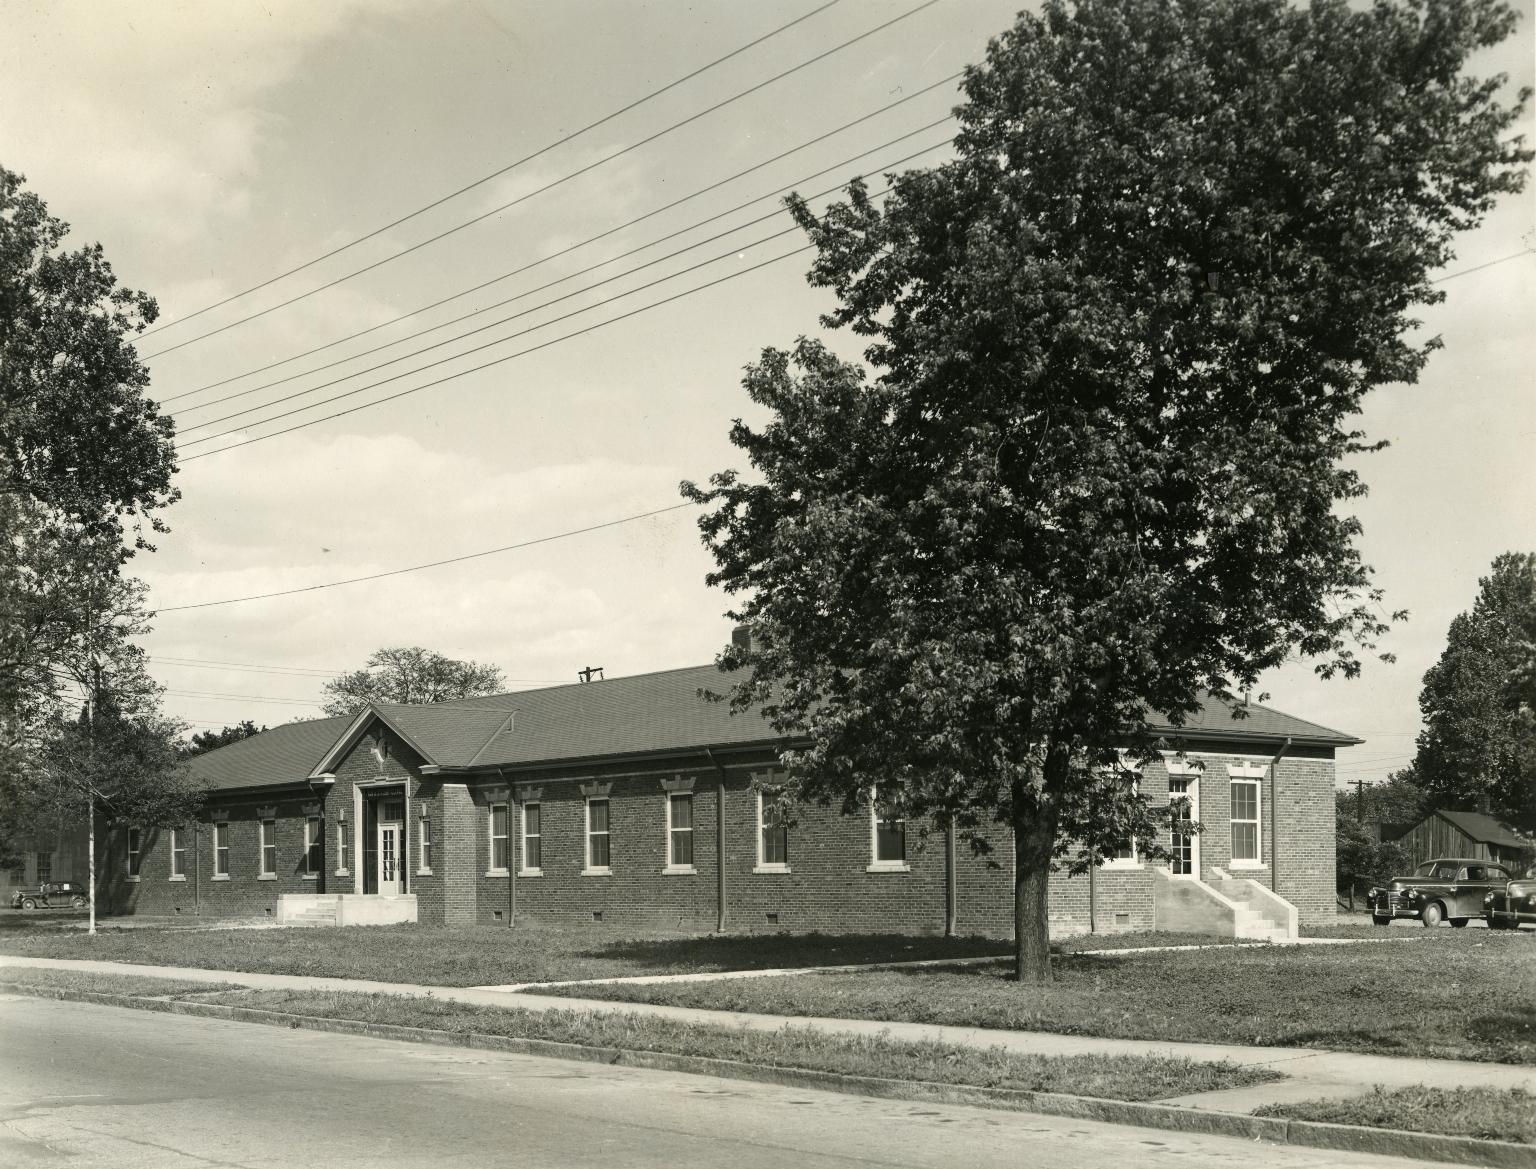 New McCracken County Health Department Building